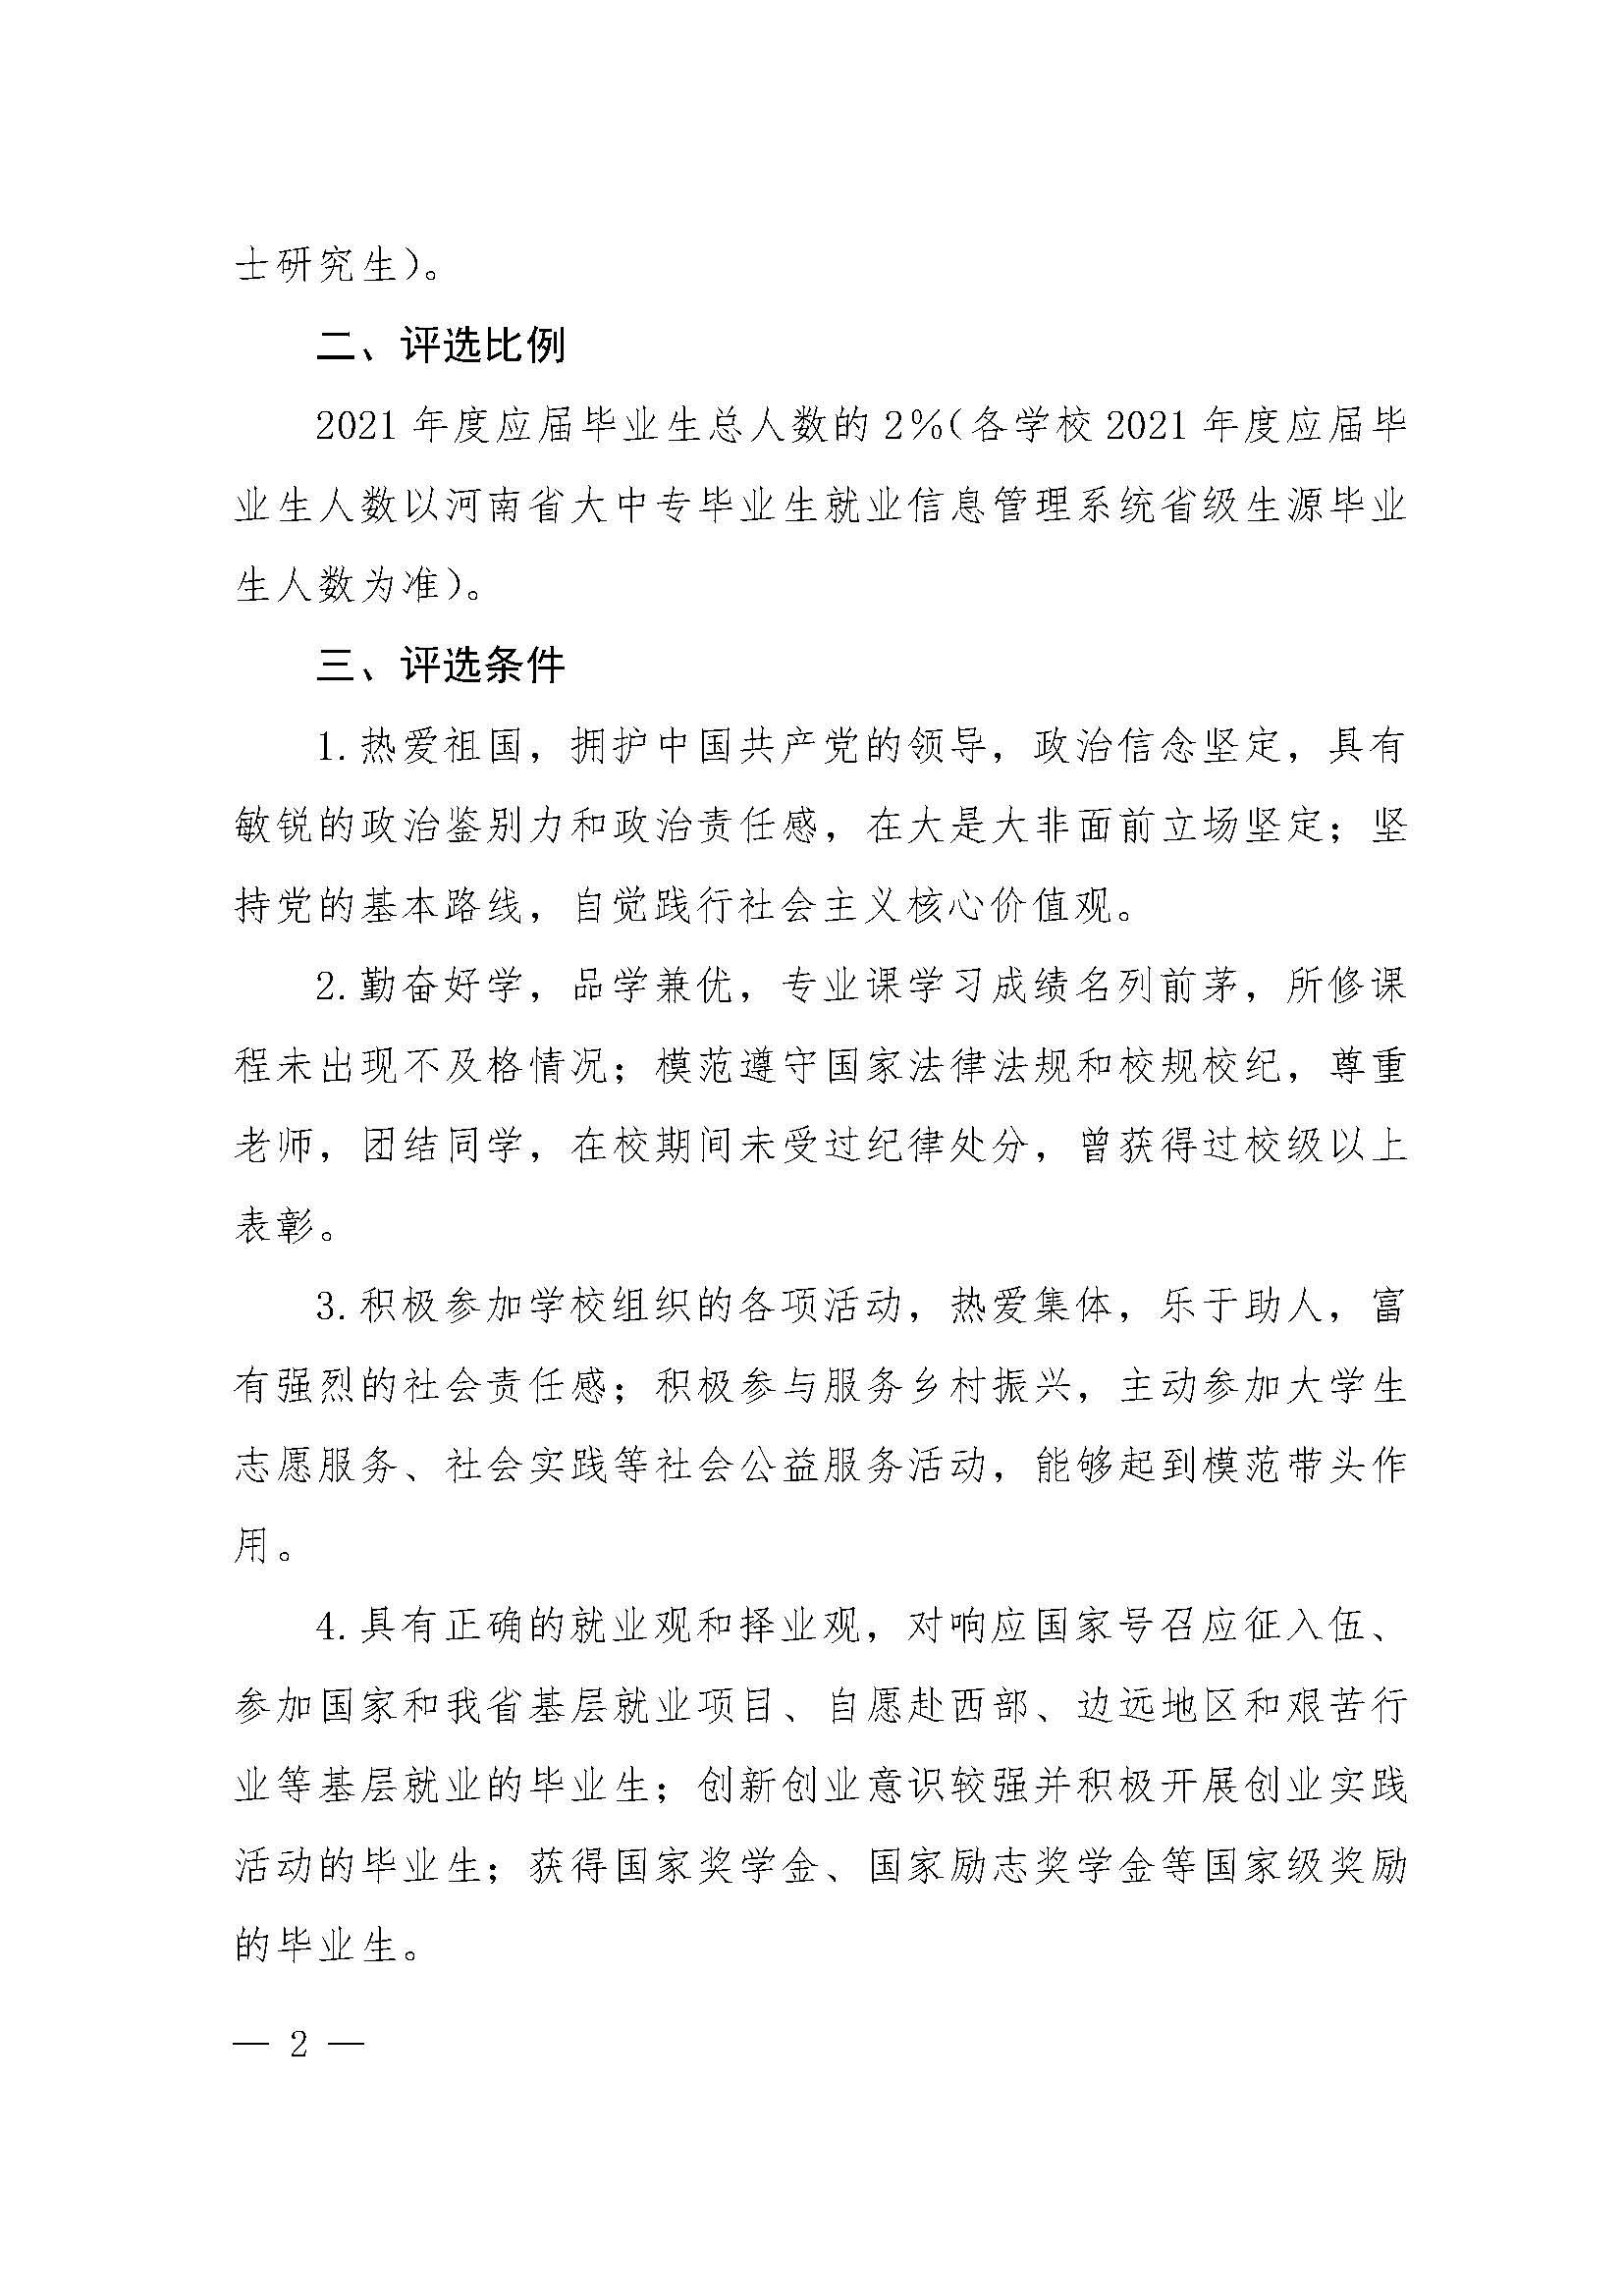 河南省教育厅办公室关于评选河南省普通大中专学校2021年优秀应届毕业生的通知_页面_02.jpg